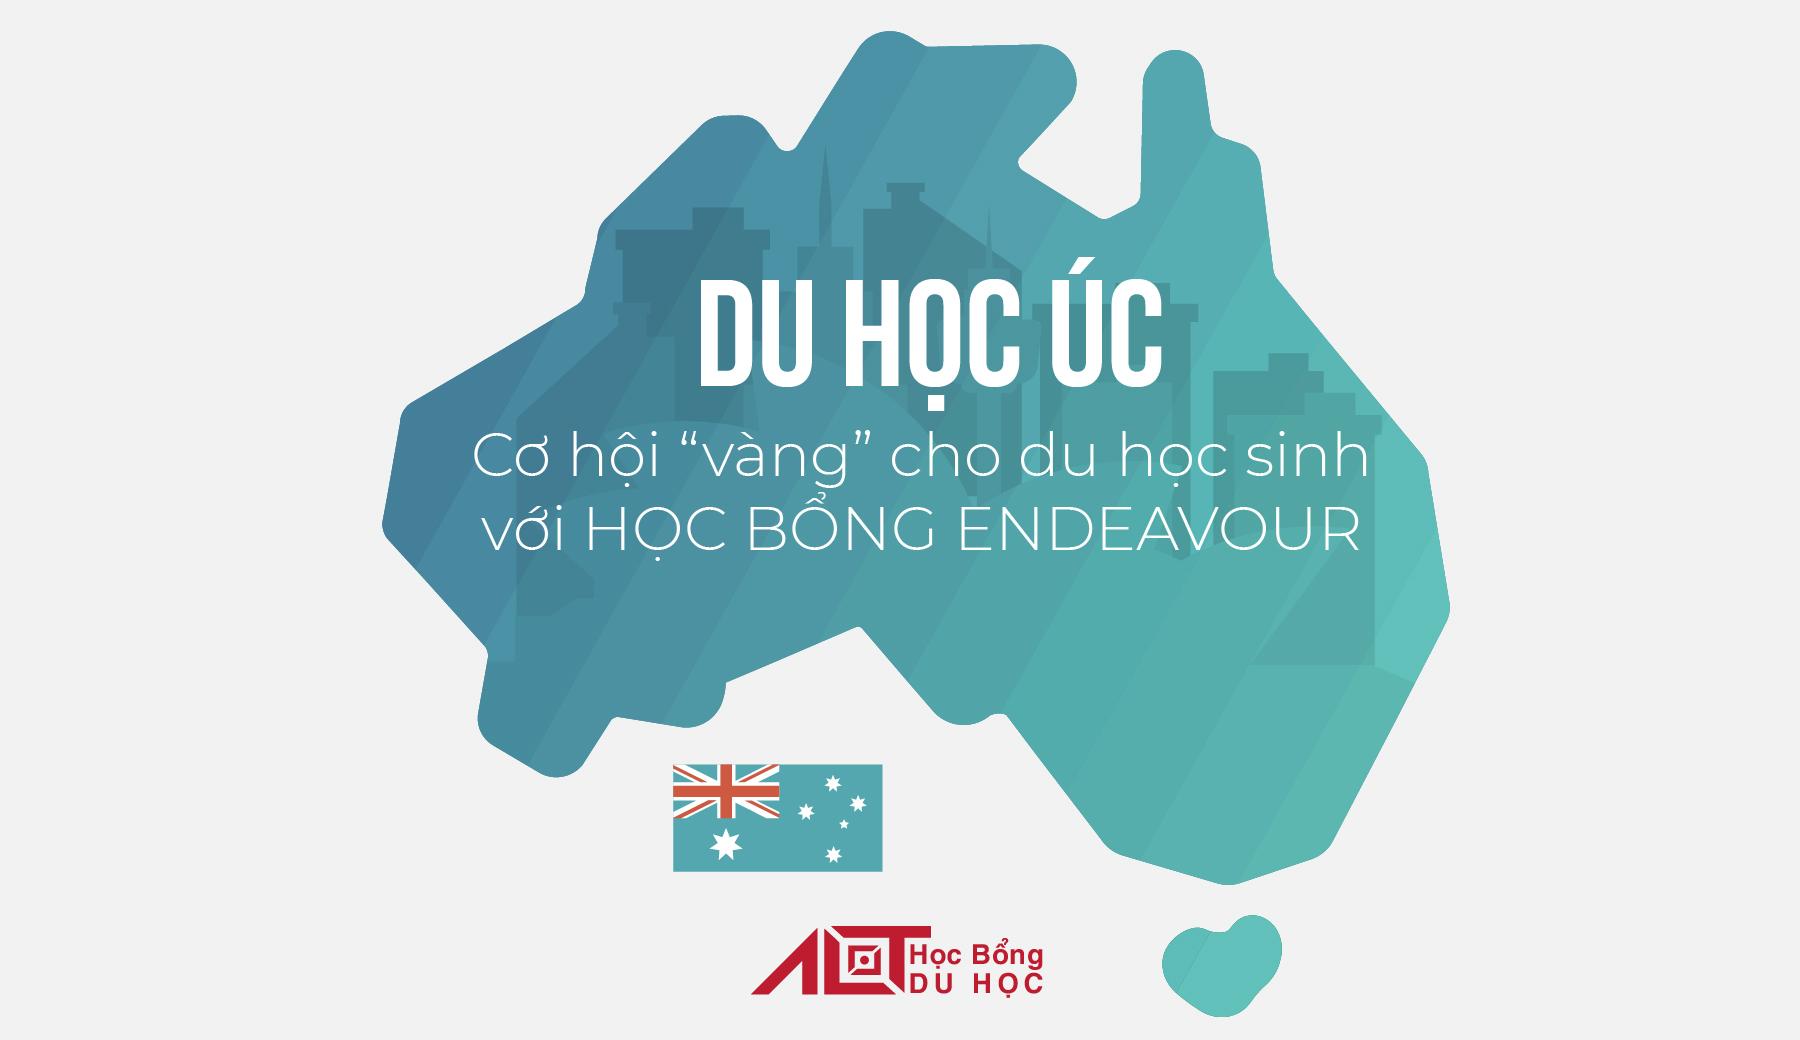 Học bổng Endeavour: Bảo bối chắp cánh ước mơ du học Úc